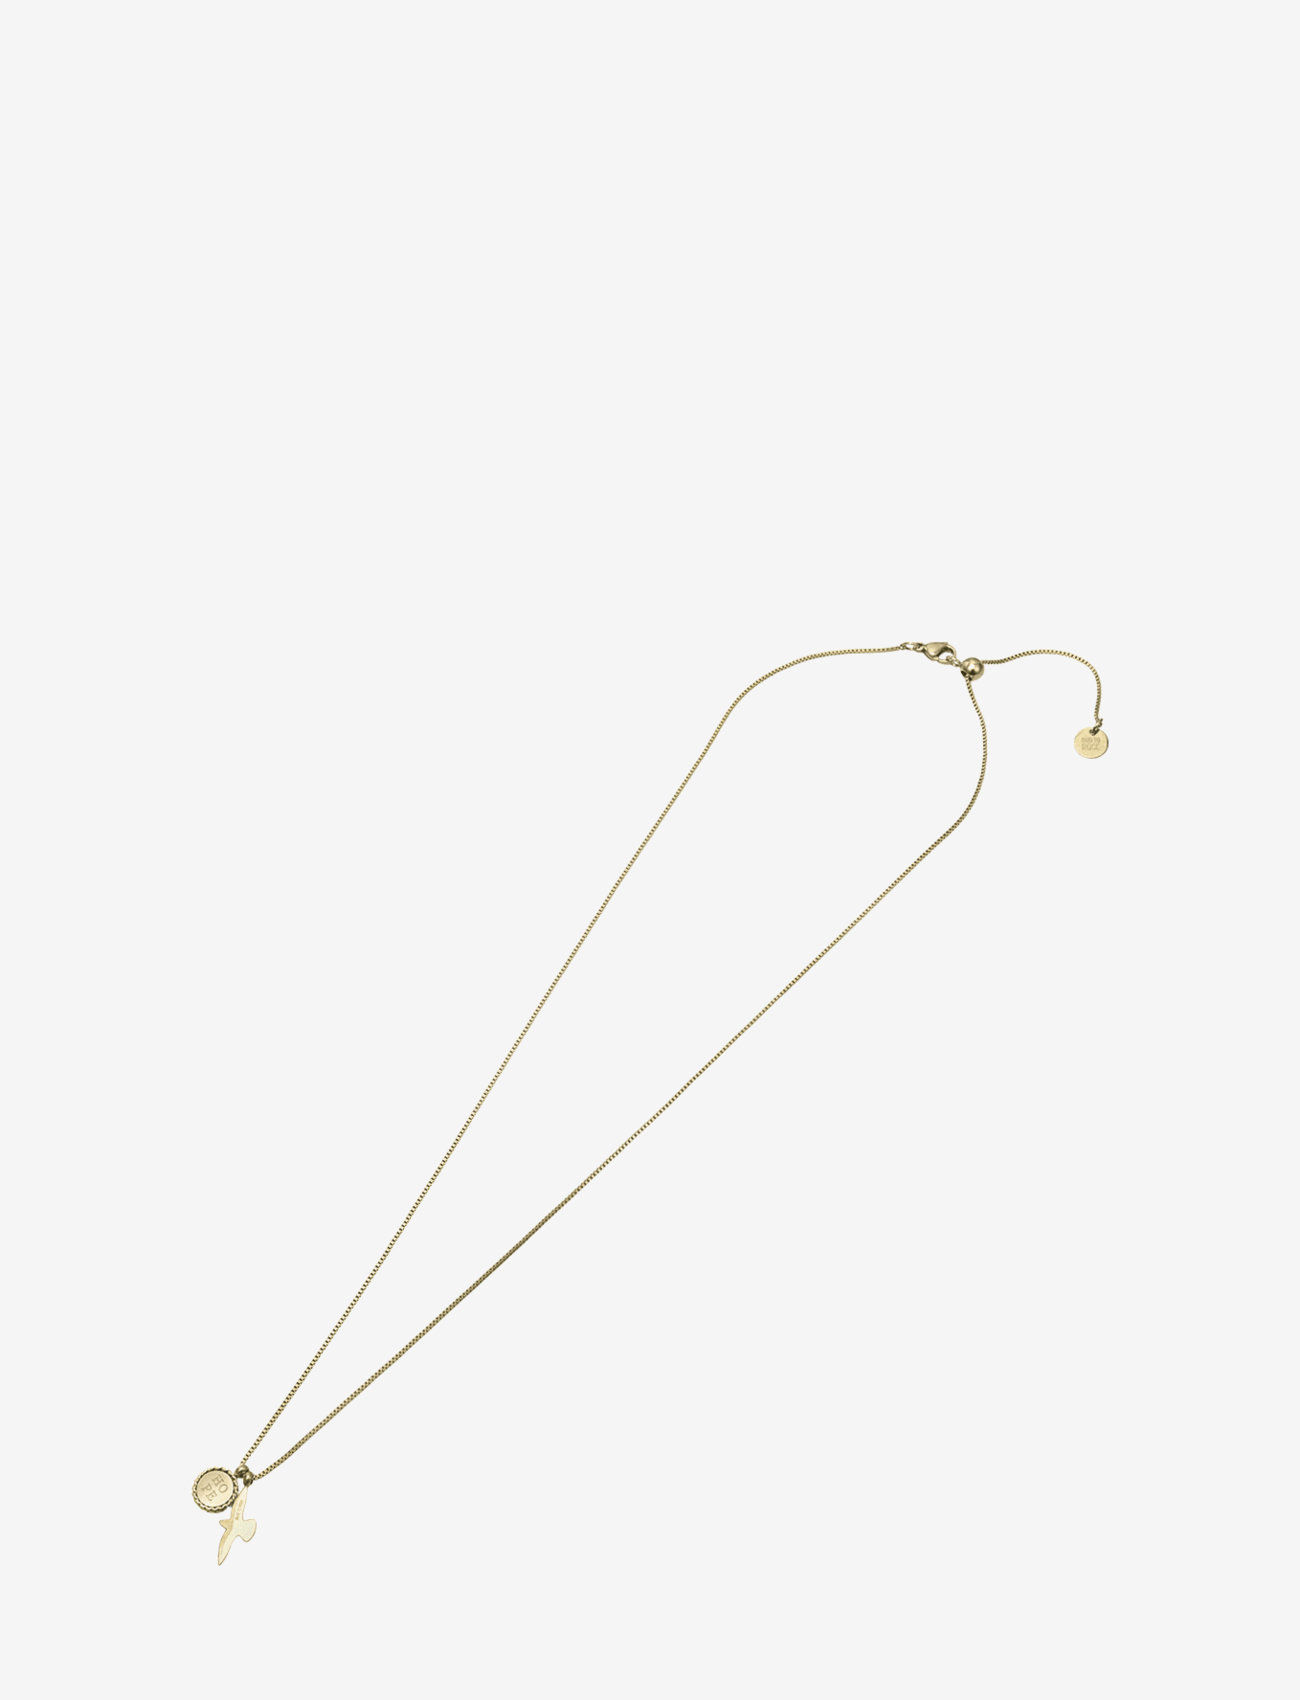 Bud to rose - Hope & Dove Necklace Steel - kettingen met hanger - gold - 1